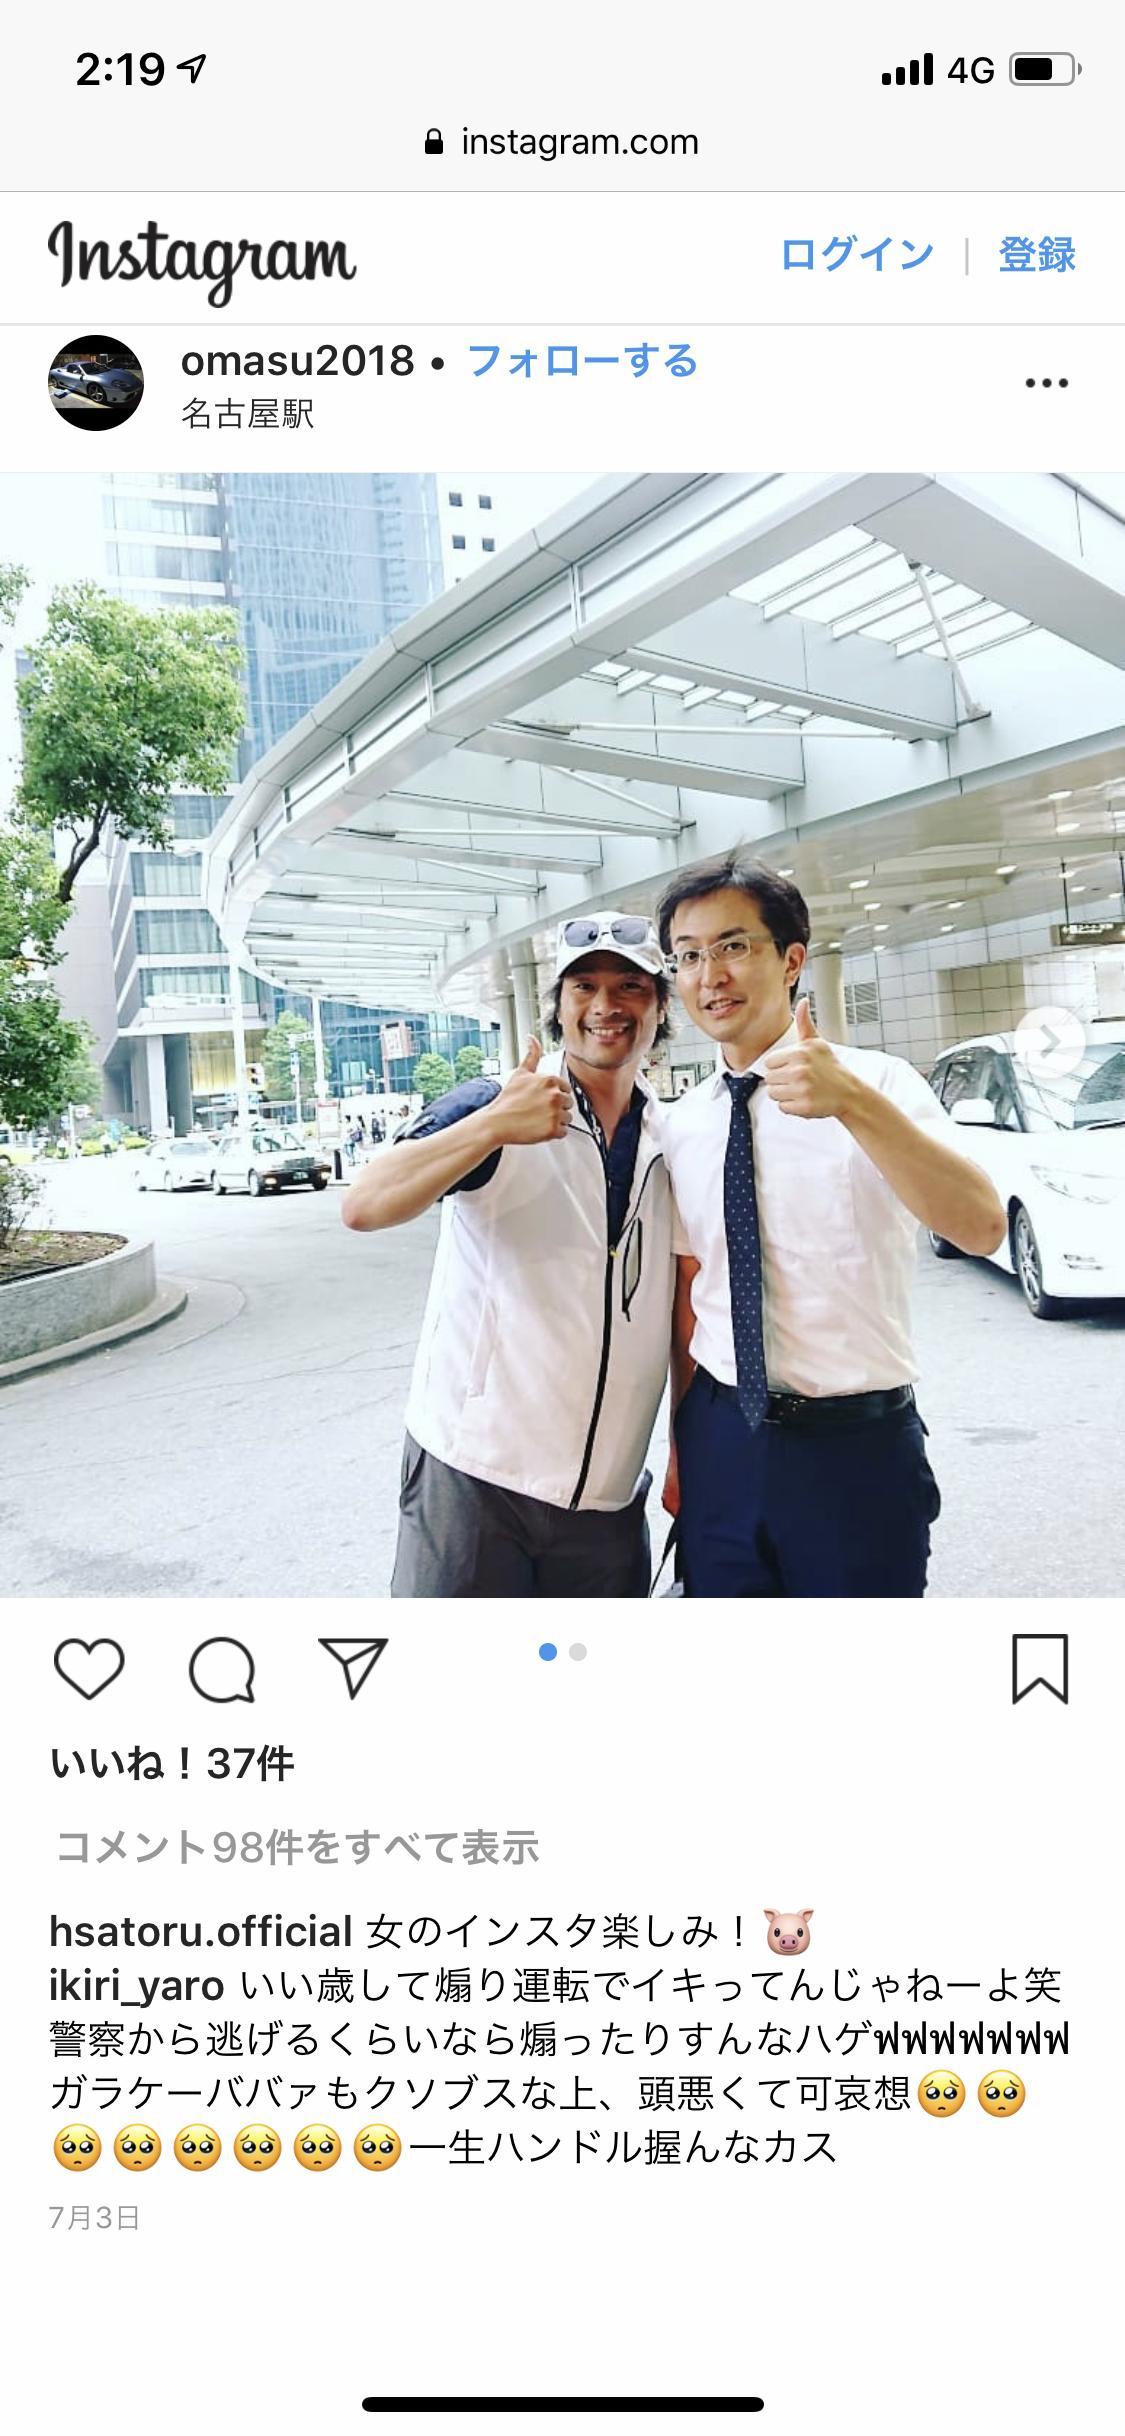 宮崎 容疑 者 インスタ グラム アカウント